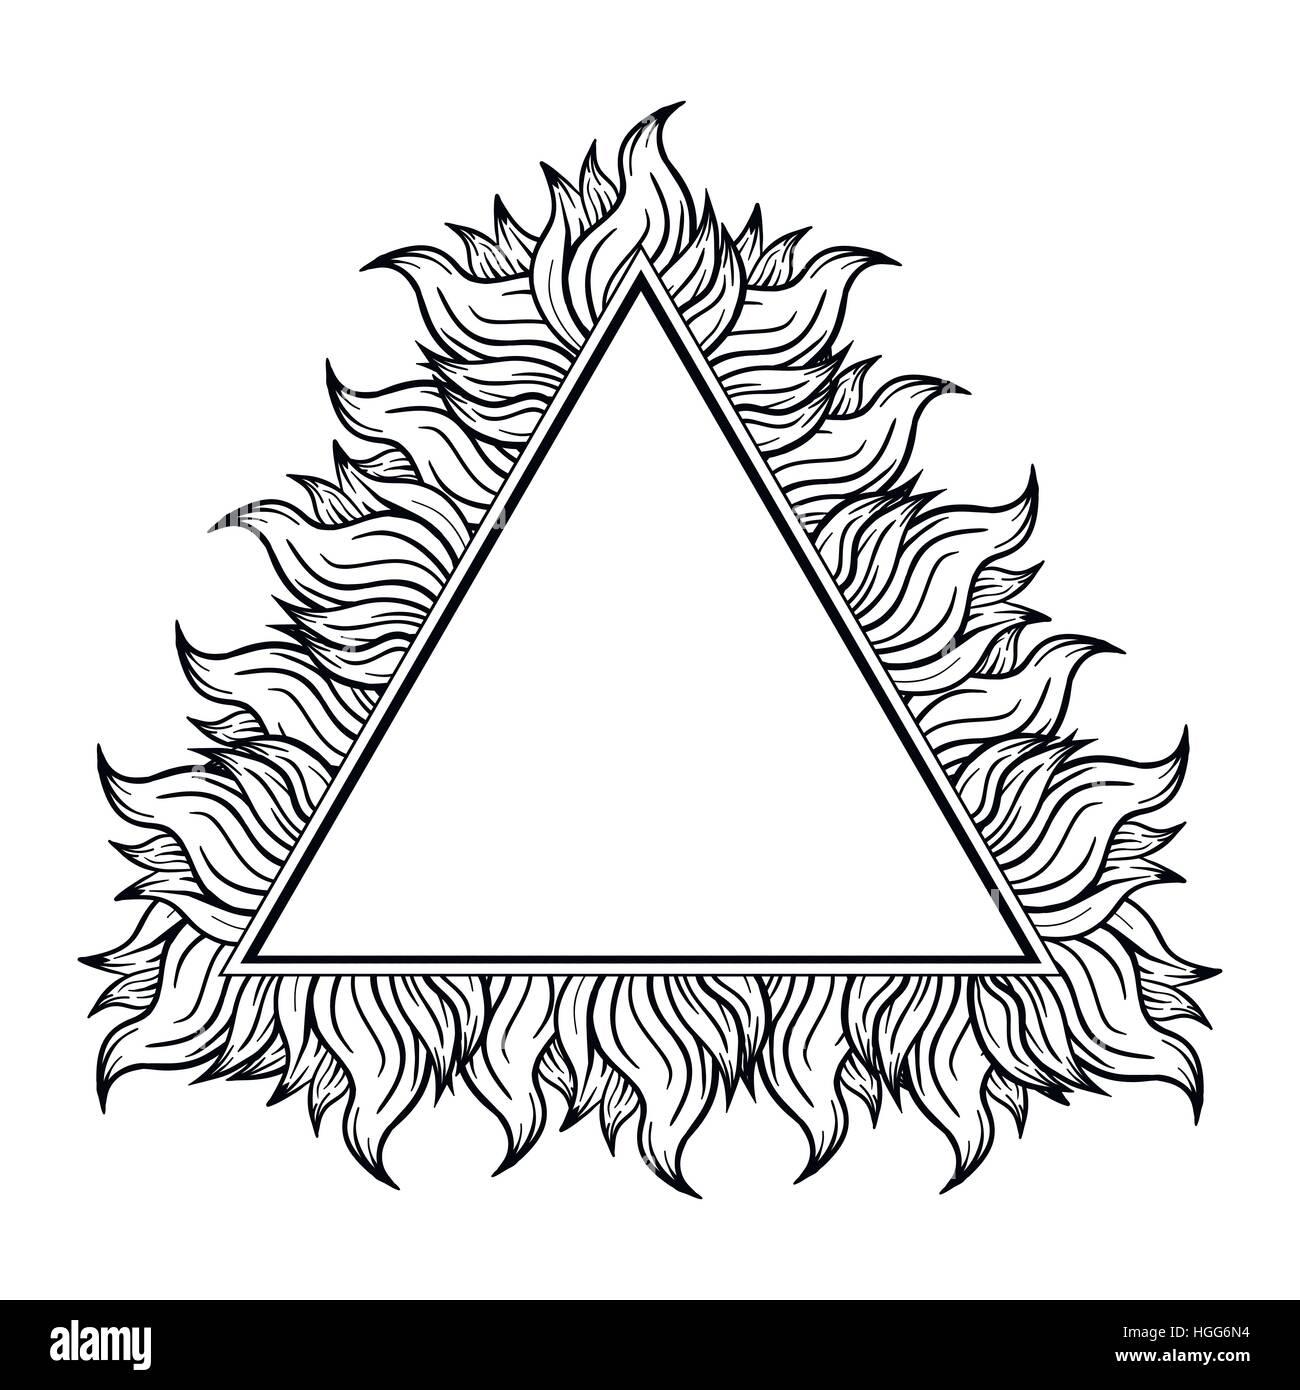 Schwarz weißes Dreieck Rahmen mit Schüben der Flamme. Vektor ...